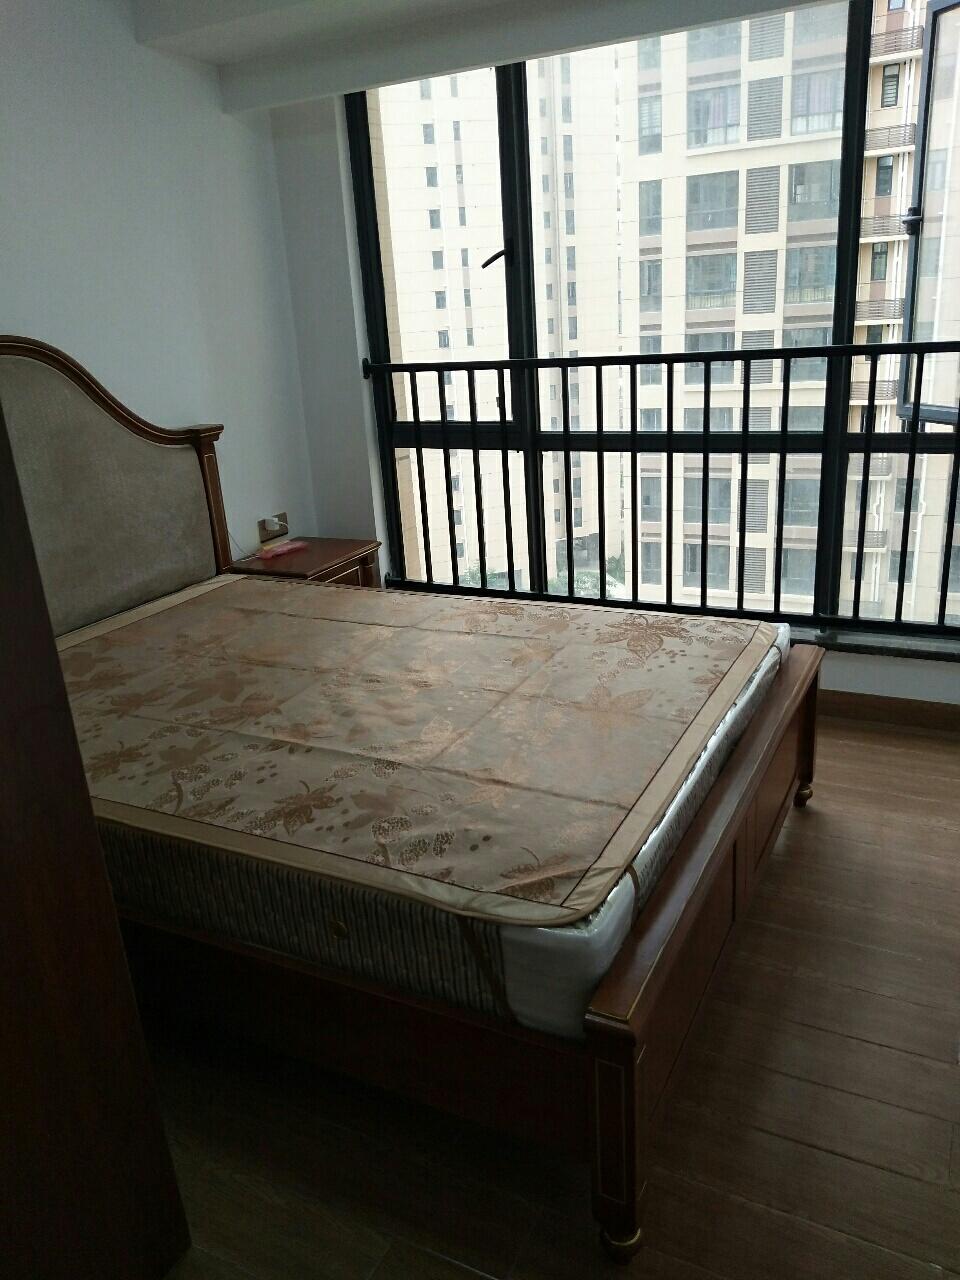 水榭丹堤1室1厅1卫1400元/月